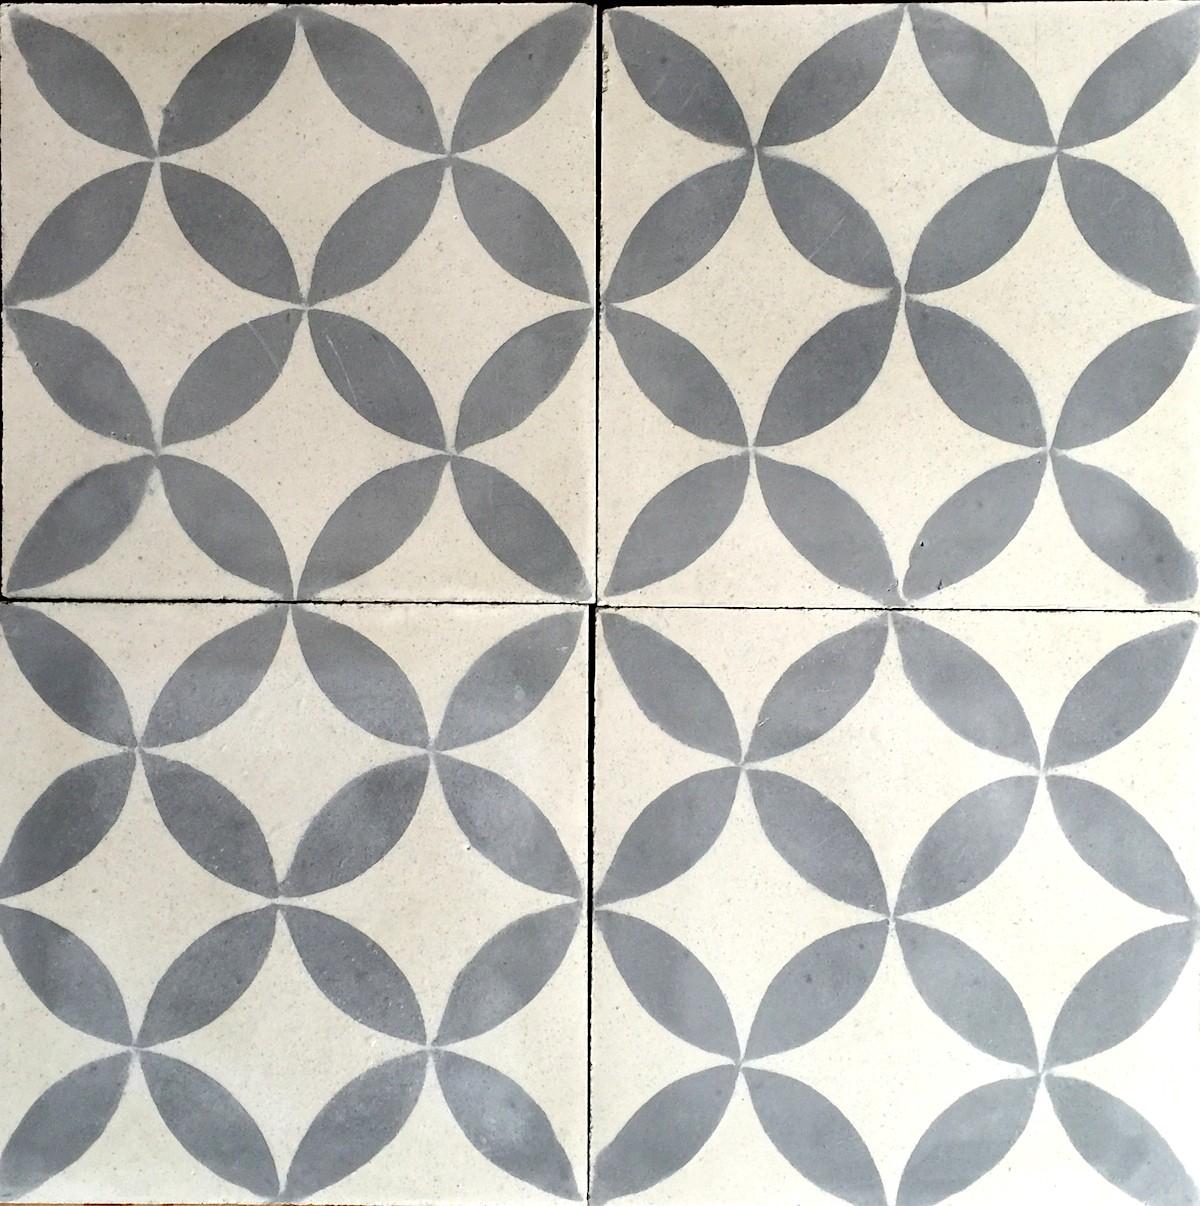 Carrelage Ciment Pas Cher 1m2 Modele Sampa Gris Carrelage Mosaique